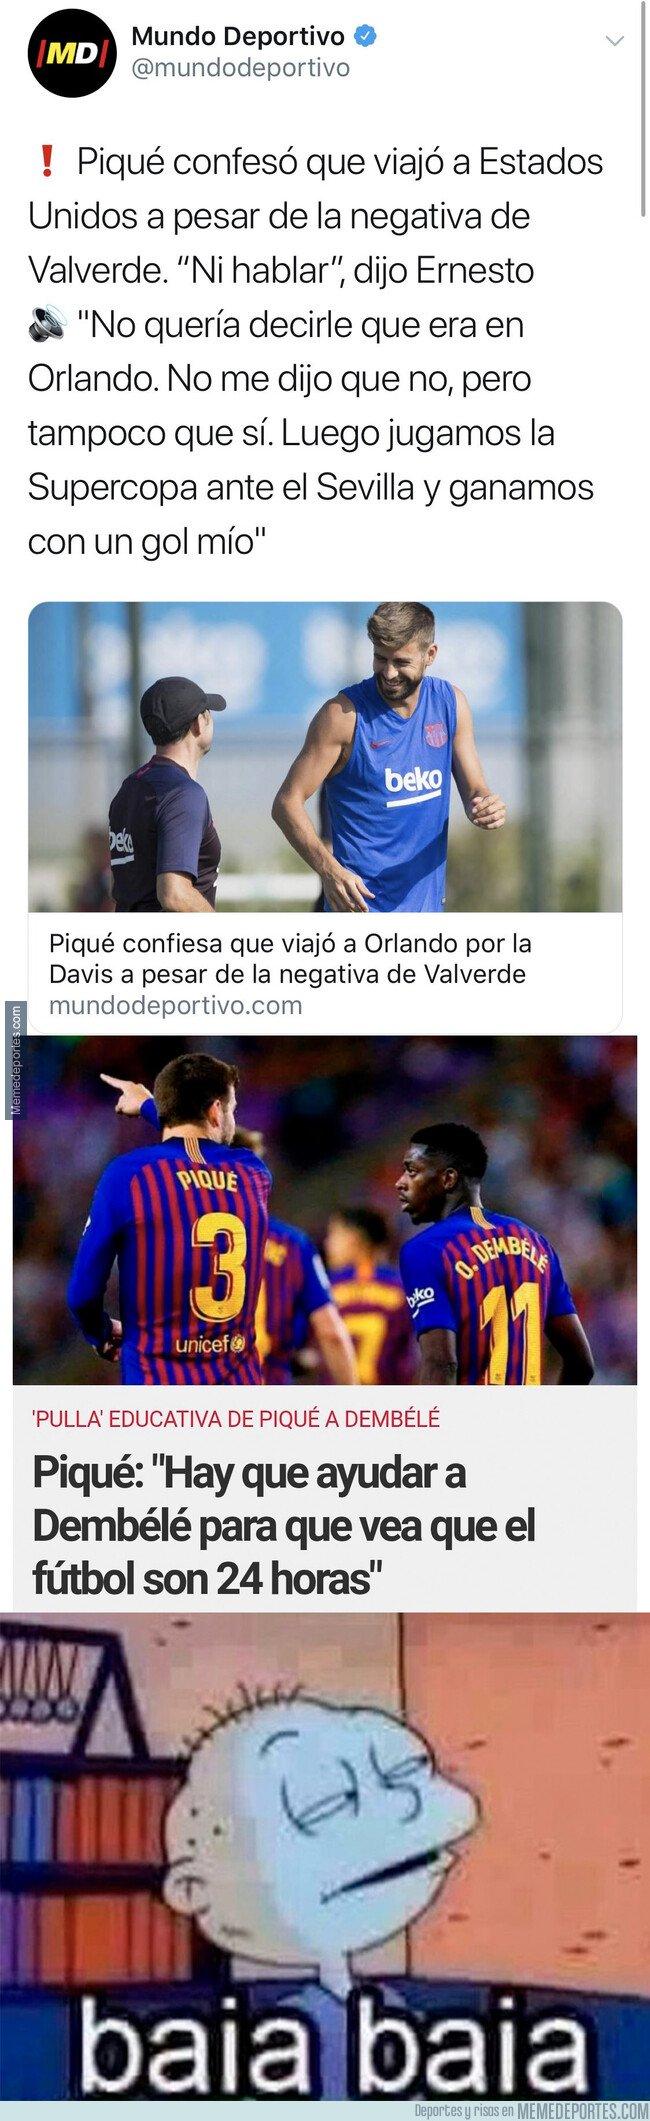 1085134 - Dos noticias juntas de Gerard Piqué que deja por los suelos su imagen como jugador del Barça